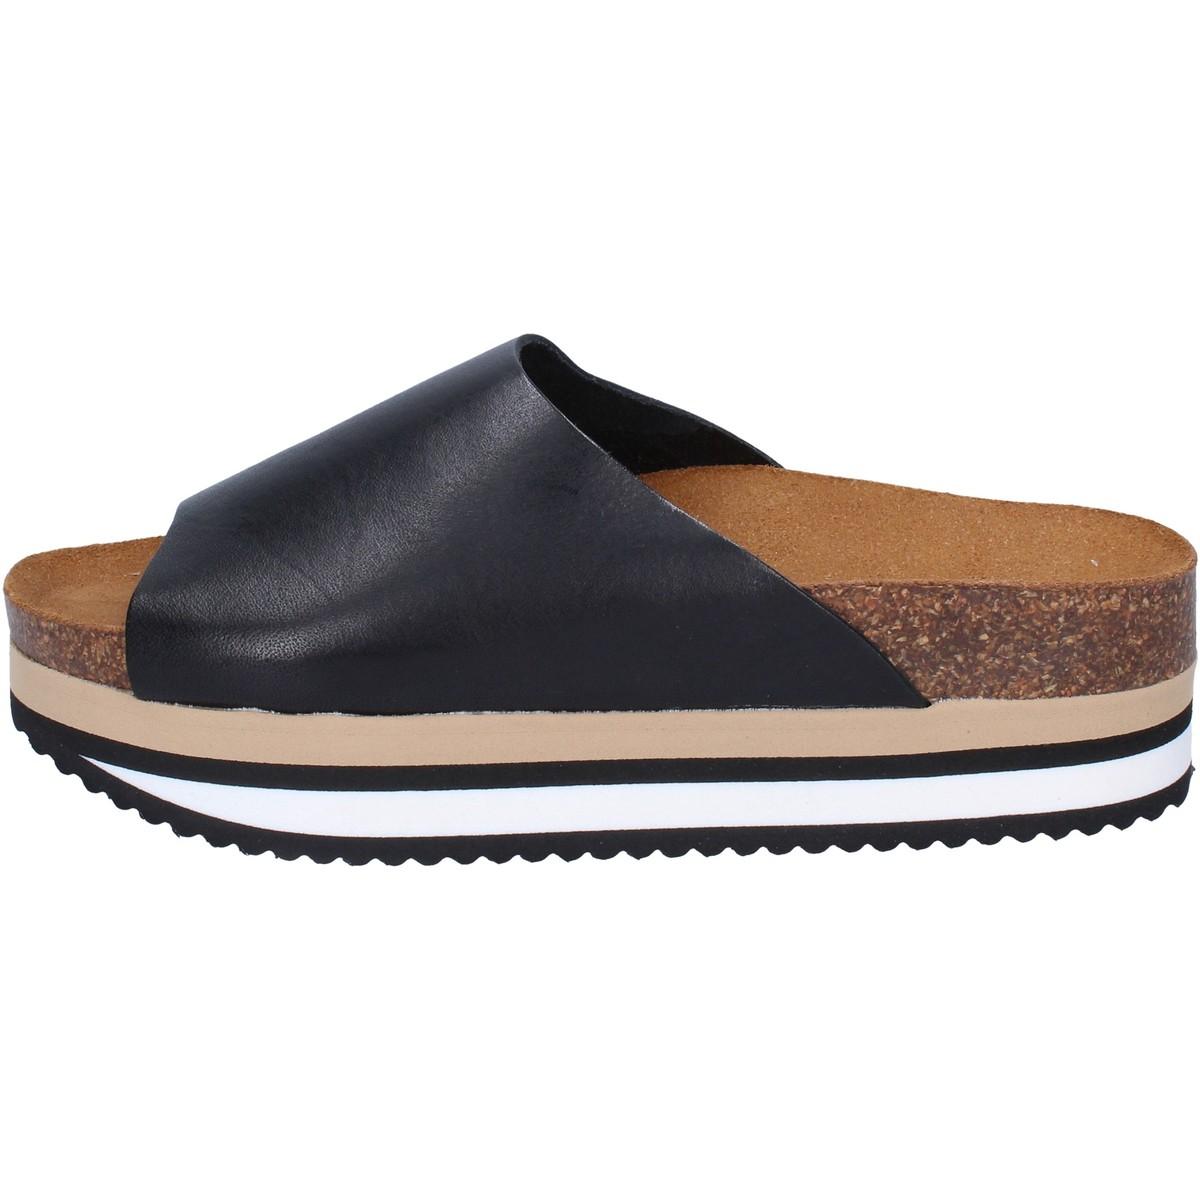 Sandales Cuir Ac603 Pro Ject Noir 5 CBtoshxQrd